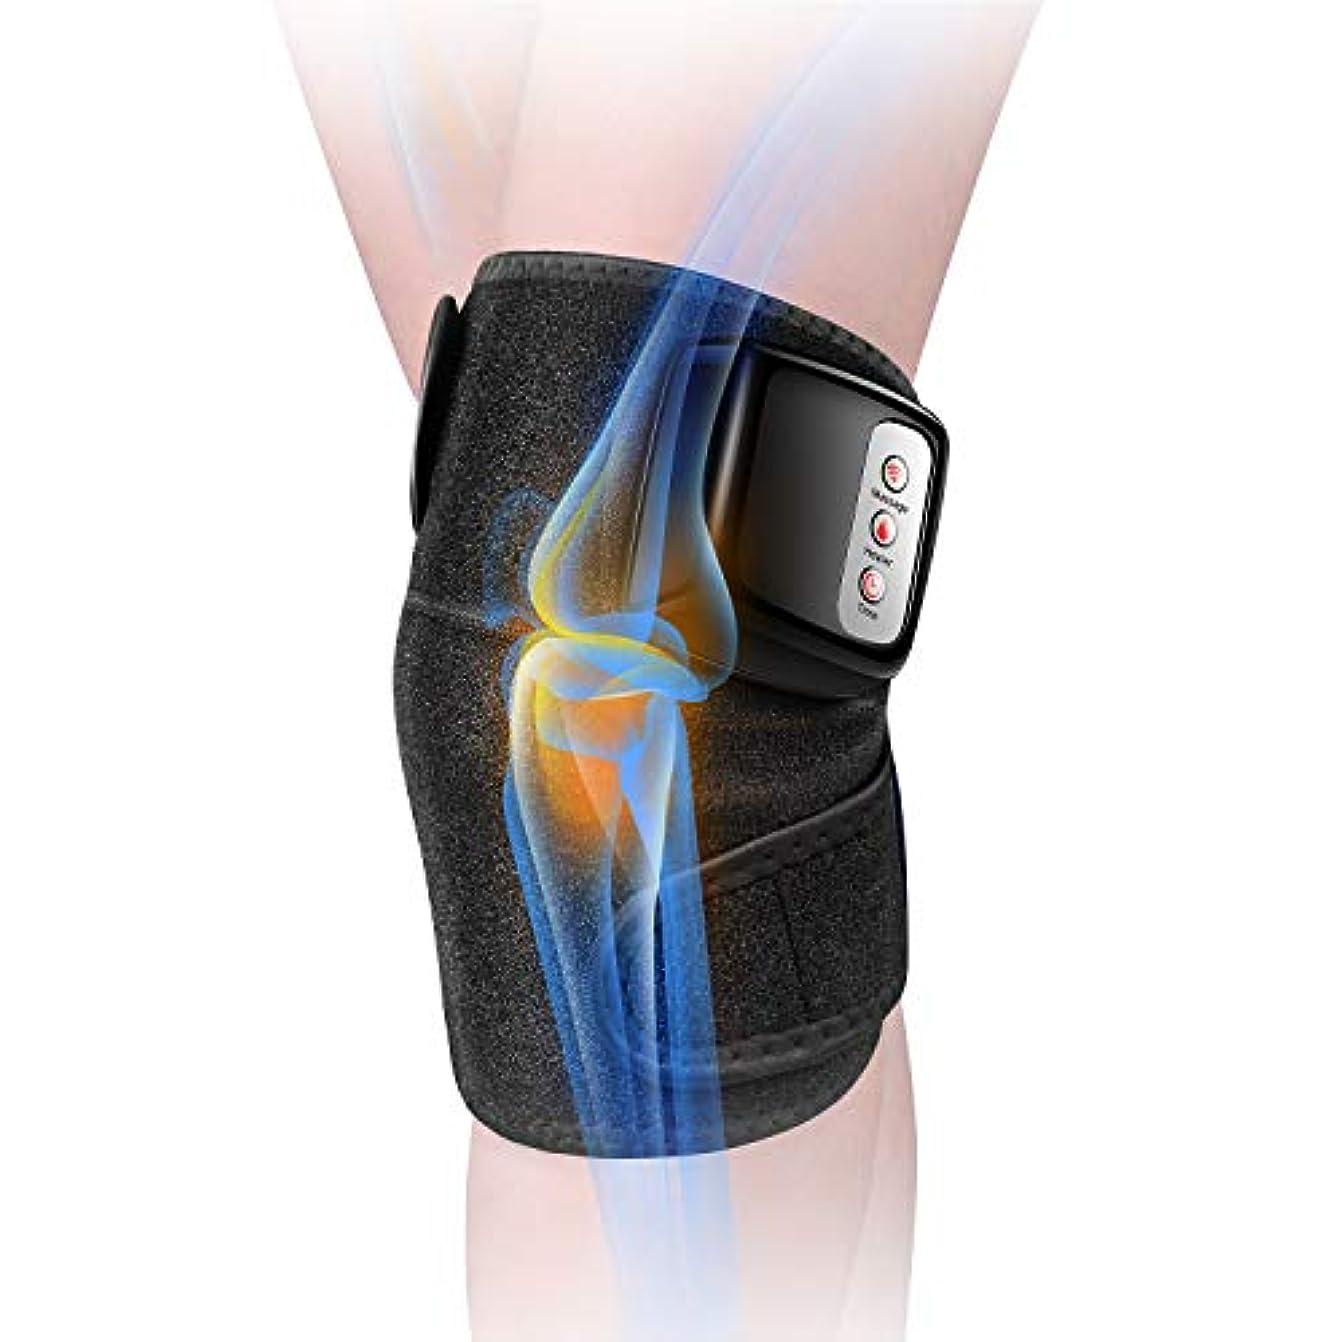 数学的なヒール告発膝マッサージャー 関節マッサージャー マッサージ器 フットマッサージャー 振動 赤外線療法 温熱療法 膝サポーター ストレス解消 肩 太もも/腕対応